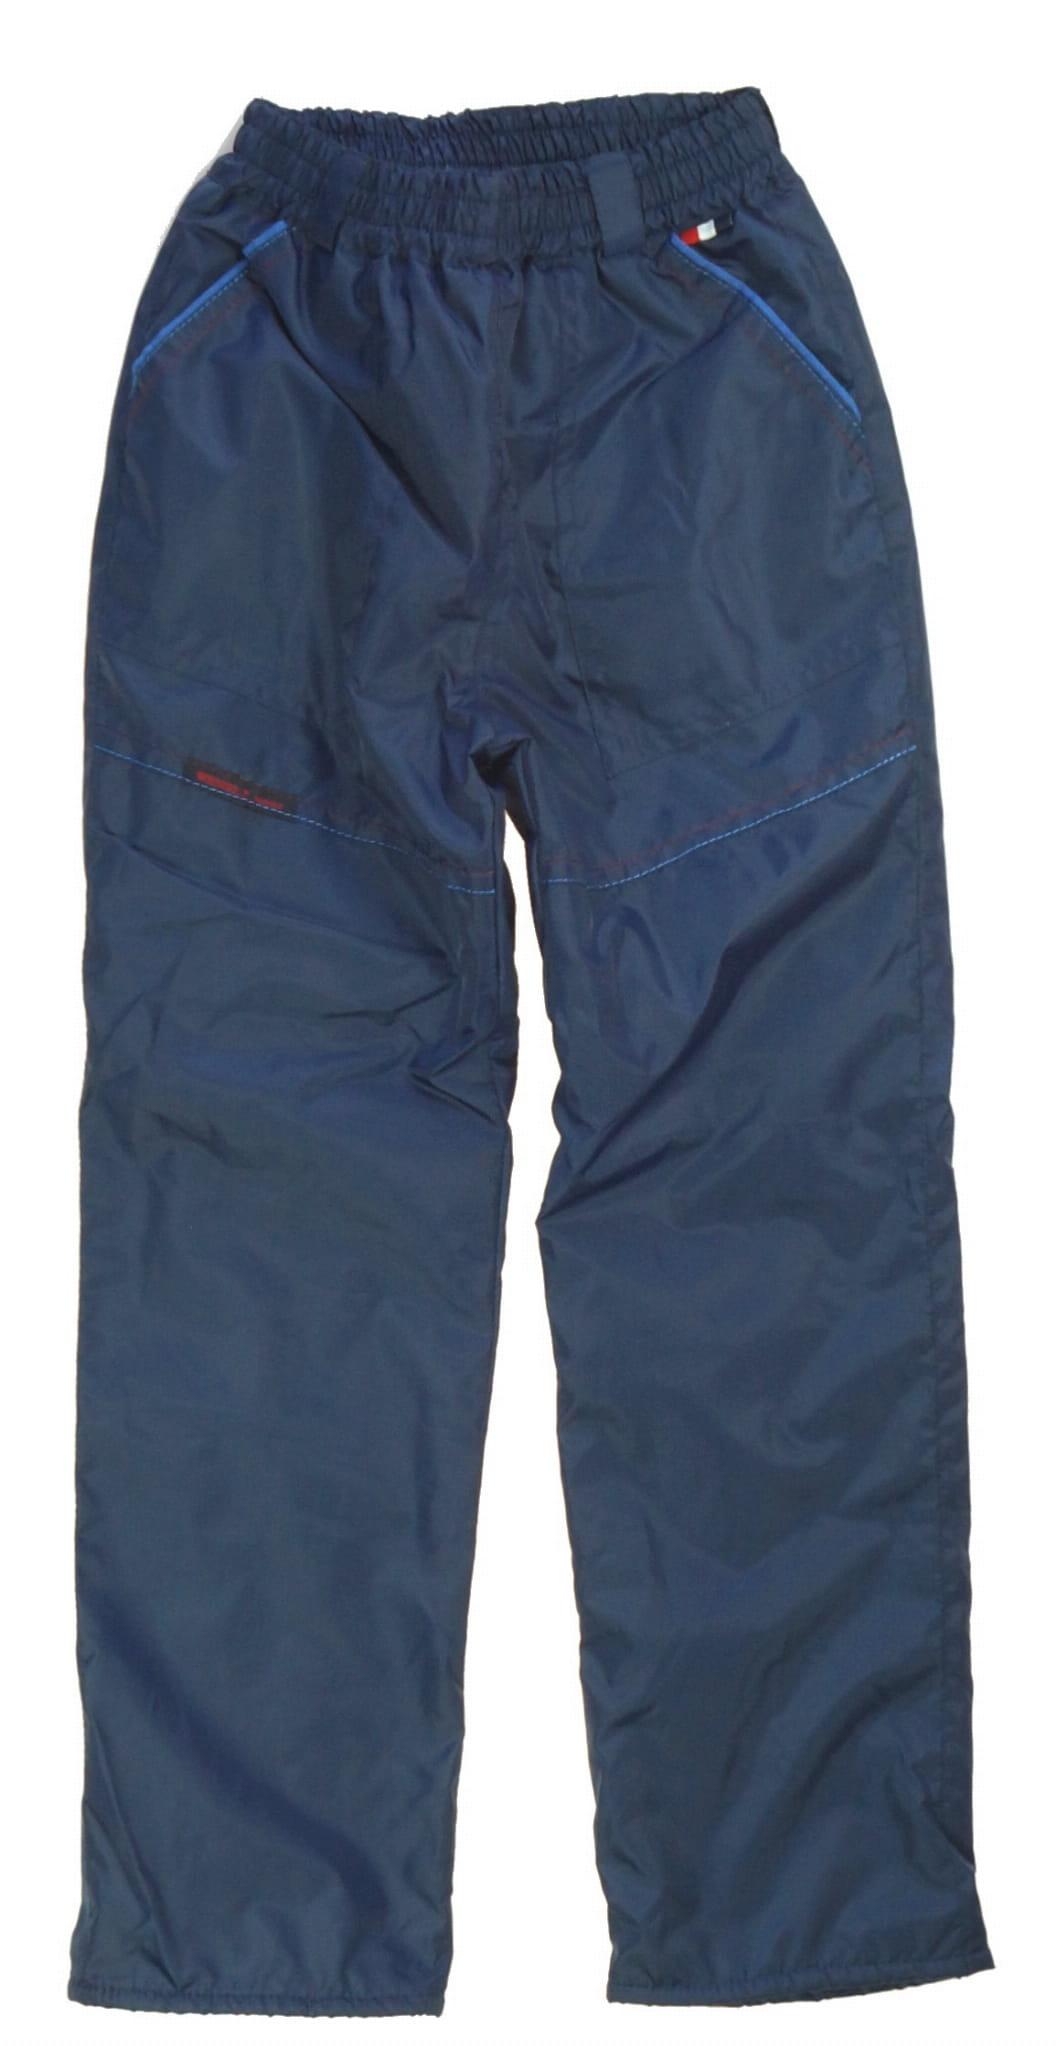 Modne ubrania Spodnie ortalionowe ocieplane polarem - dla chłopców - Bielizna Roku NE52